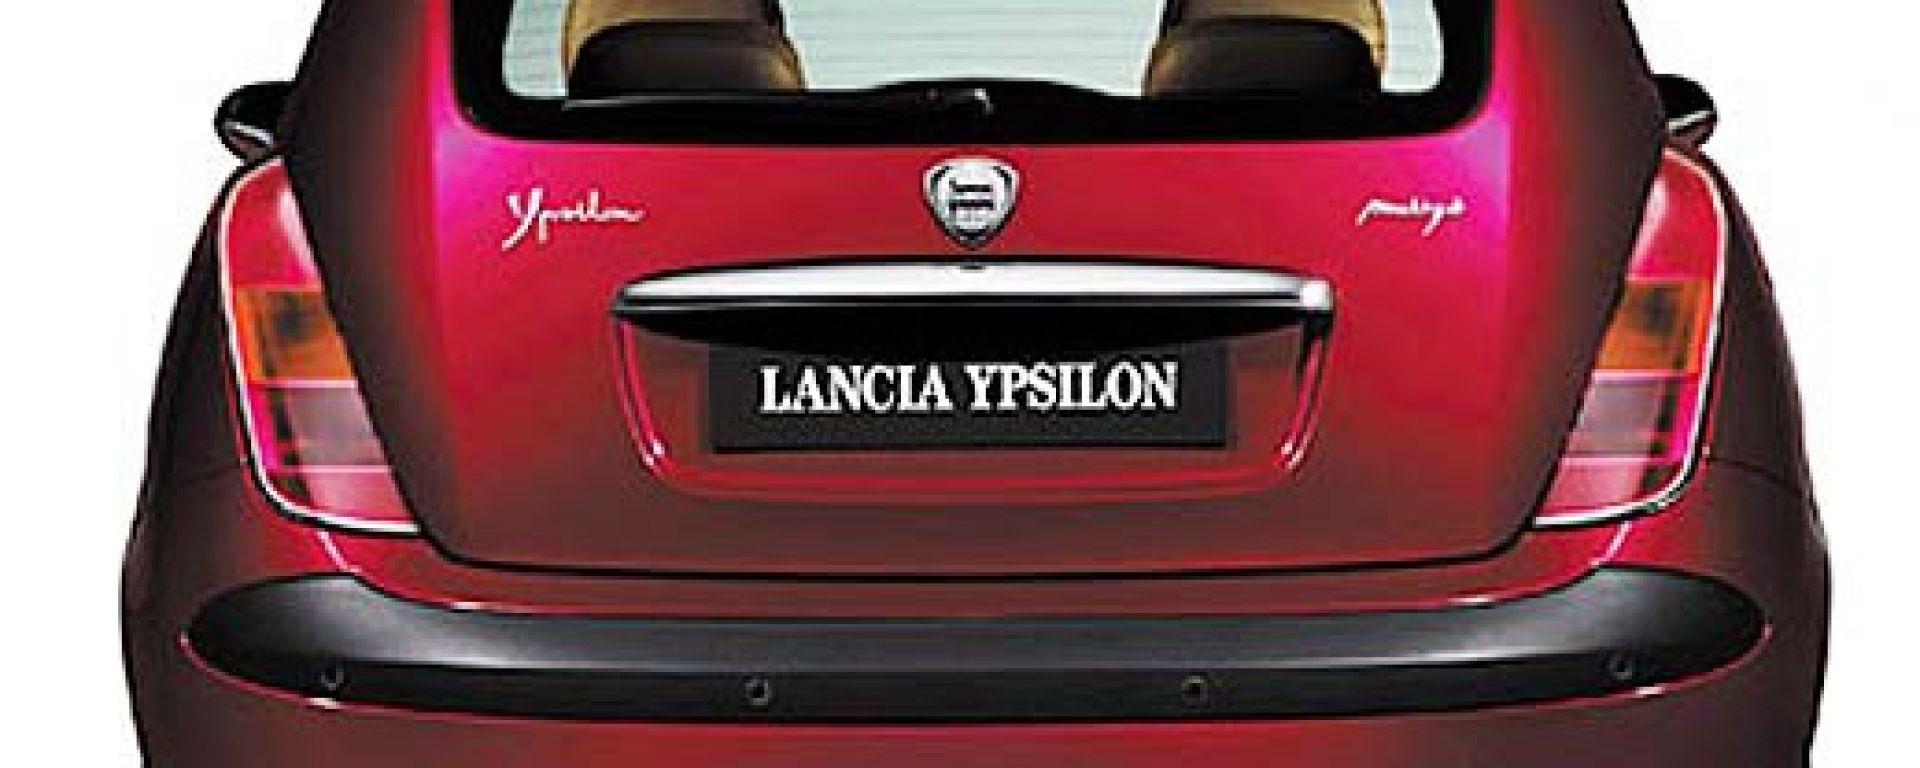 Fiat, Lancia, Alfa Romeo: tutte le novità del 2003